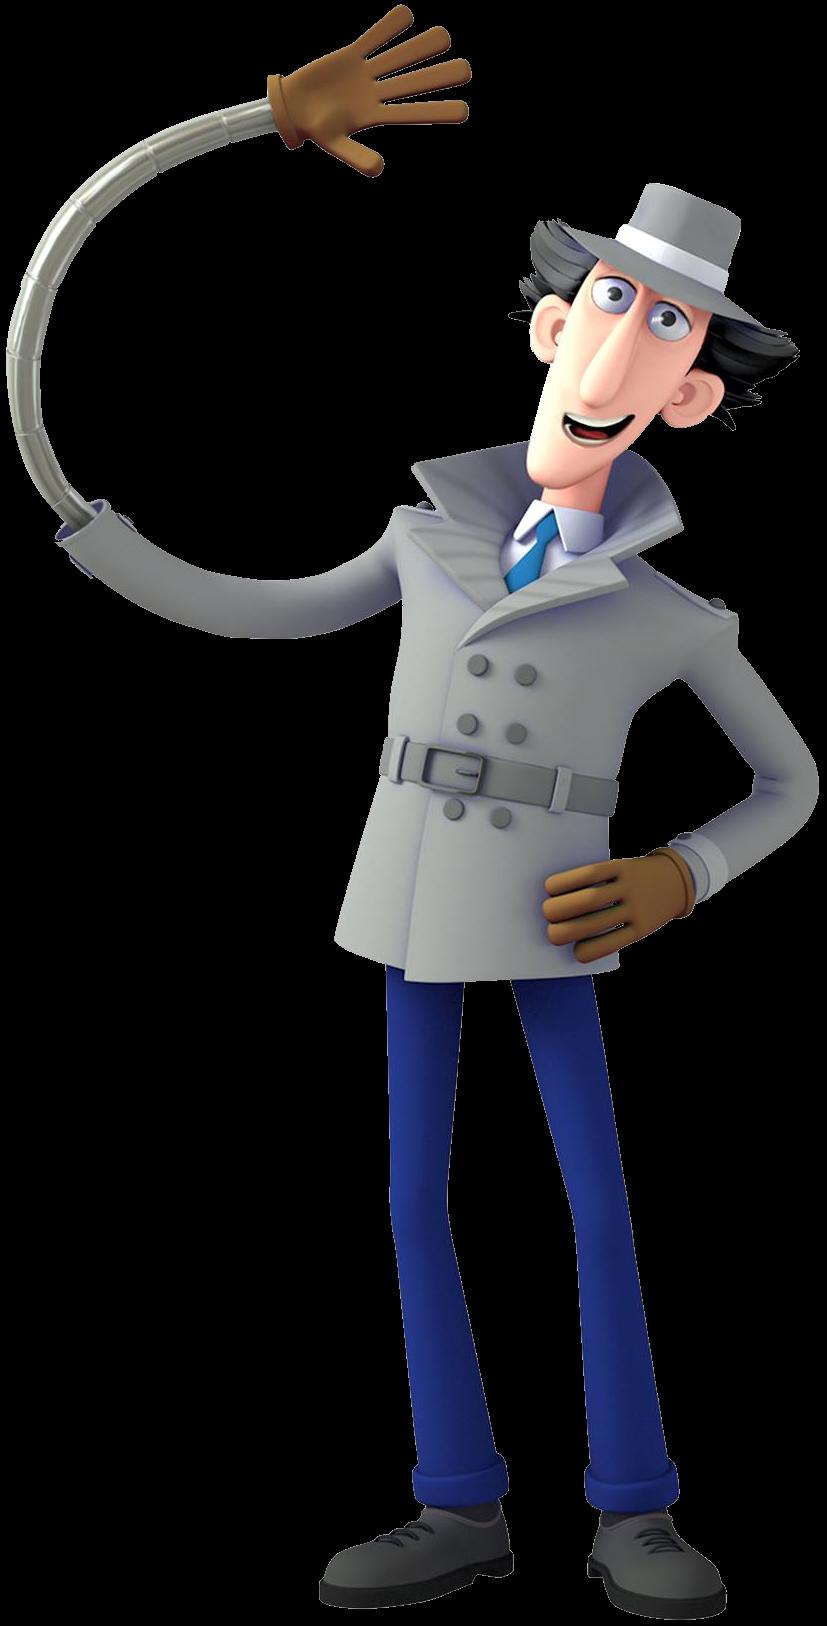 Inspector Gadget 2015 Tv Series Inspector Gadget 2015 Tv Gadgets